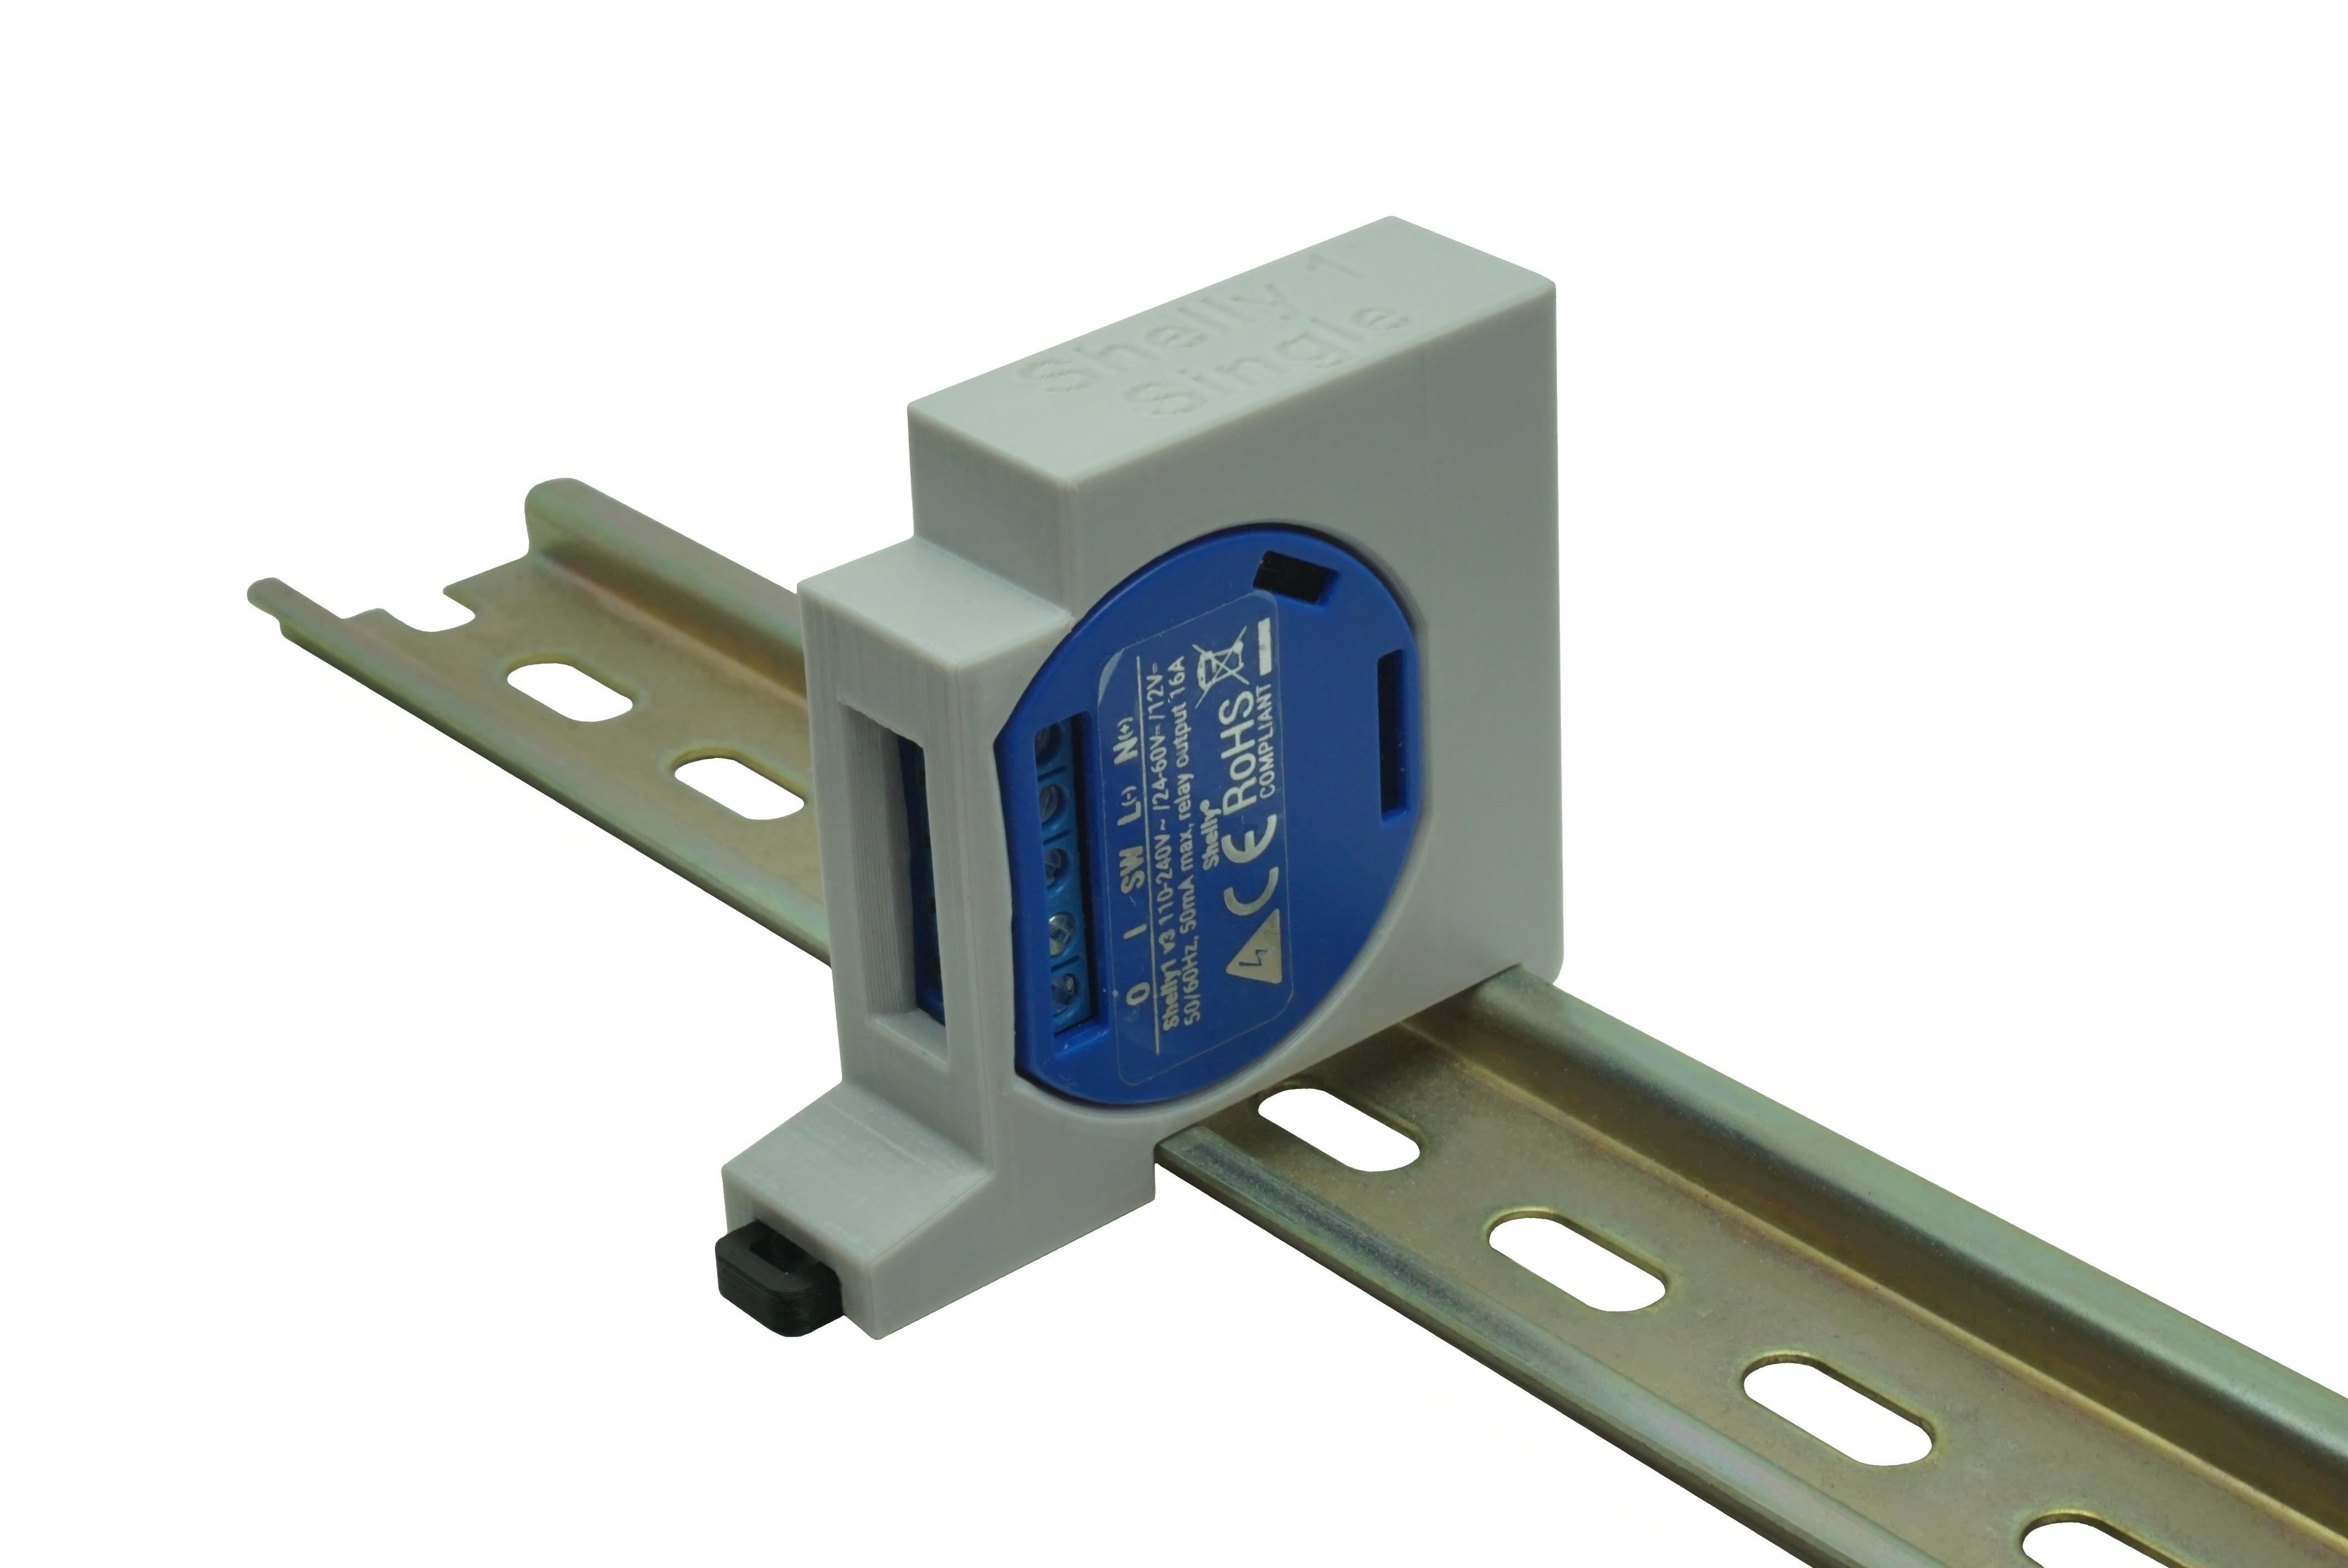 Hutschienenhalter / Adapter Single für Shelly 1 / 1 PM, für DIN Schiene 35mm, Farbe: Grau